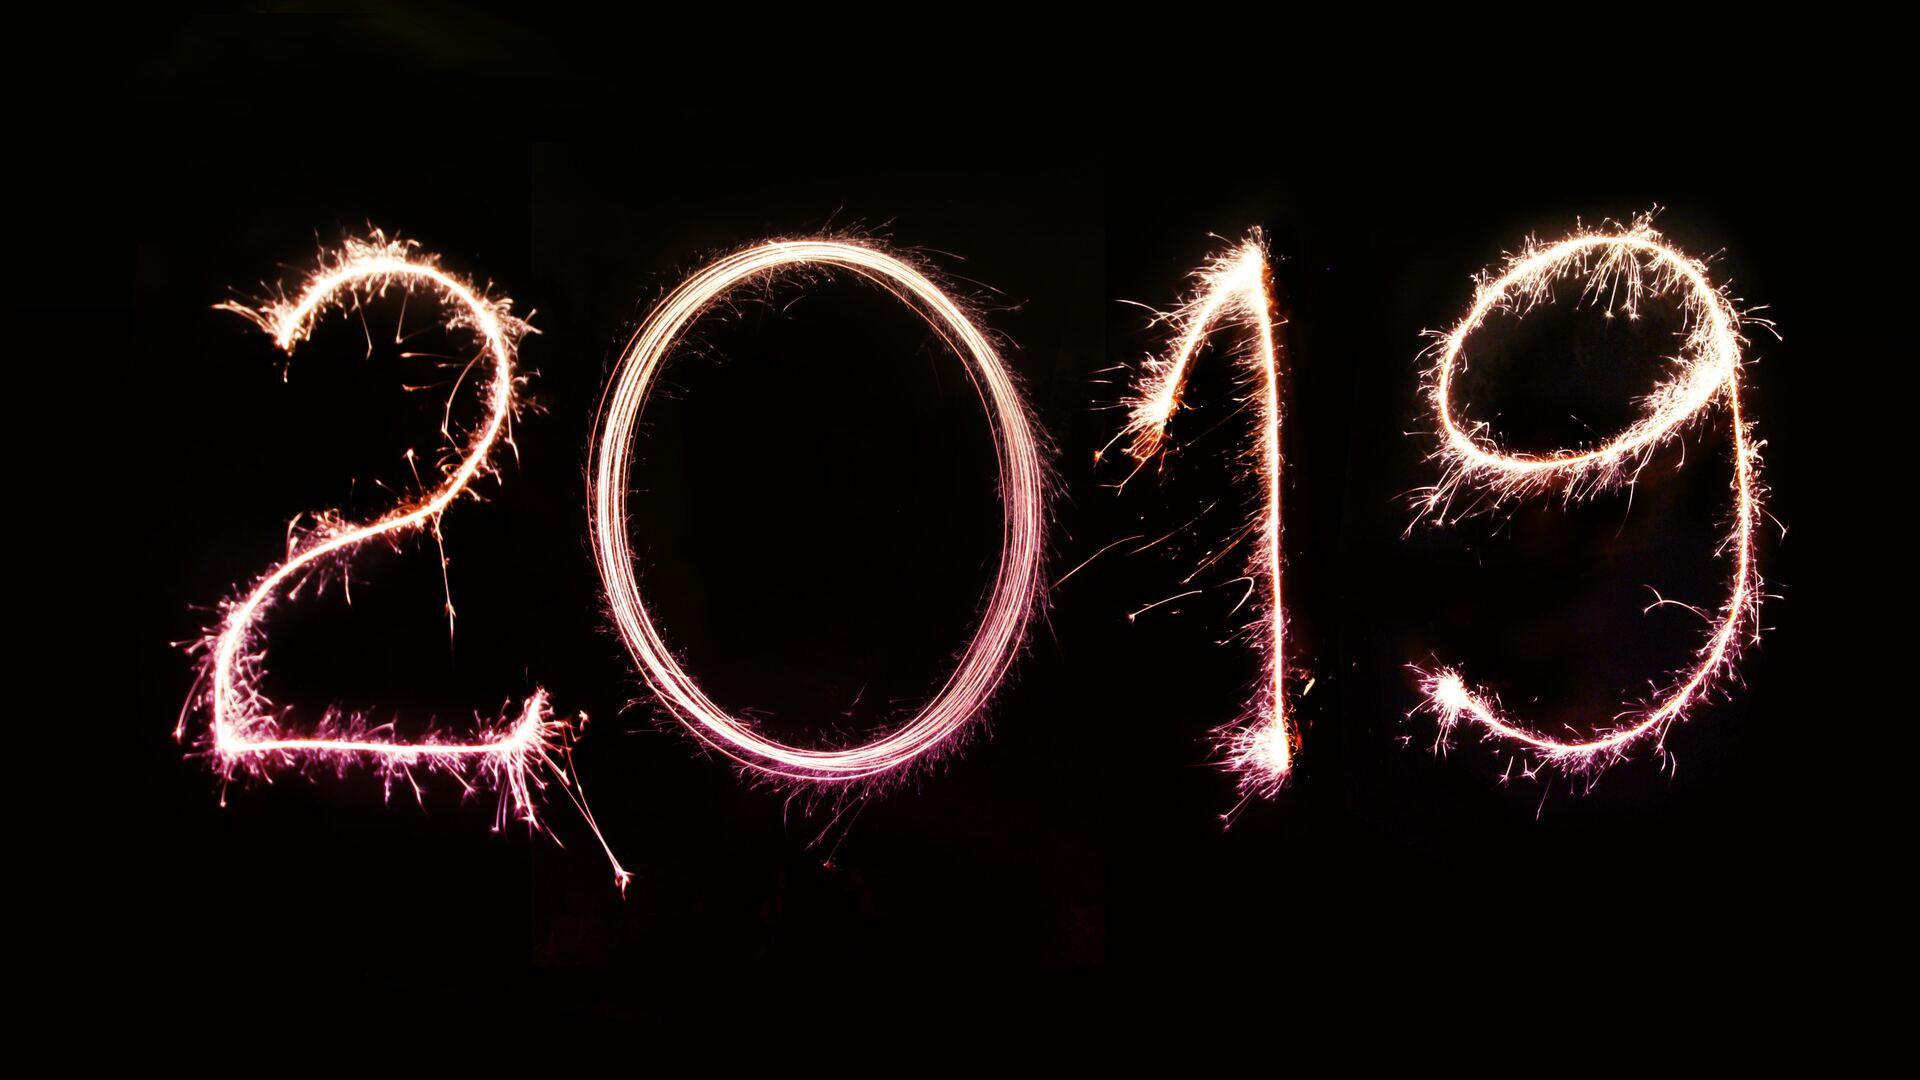 happy new year 2019 8pjpg